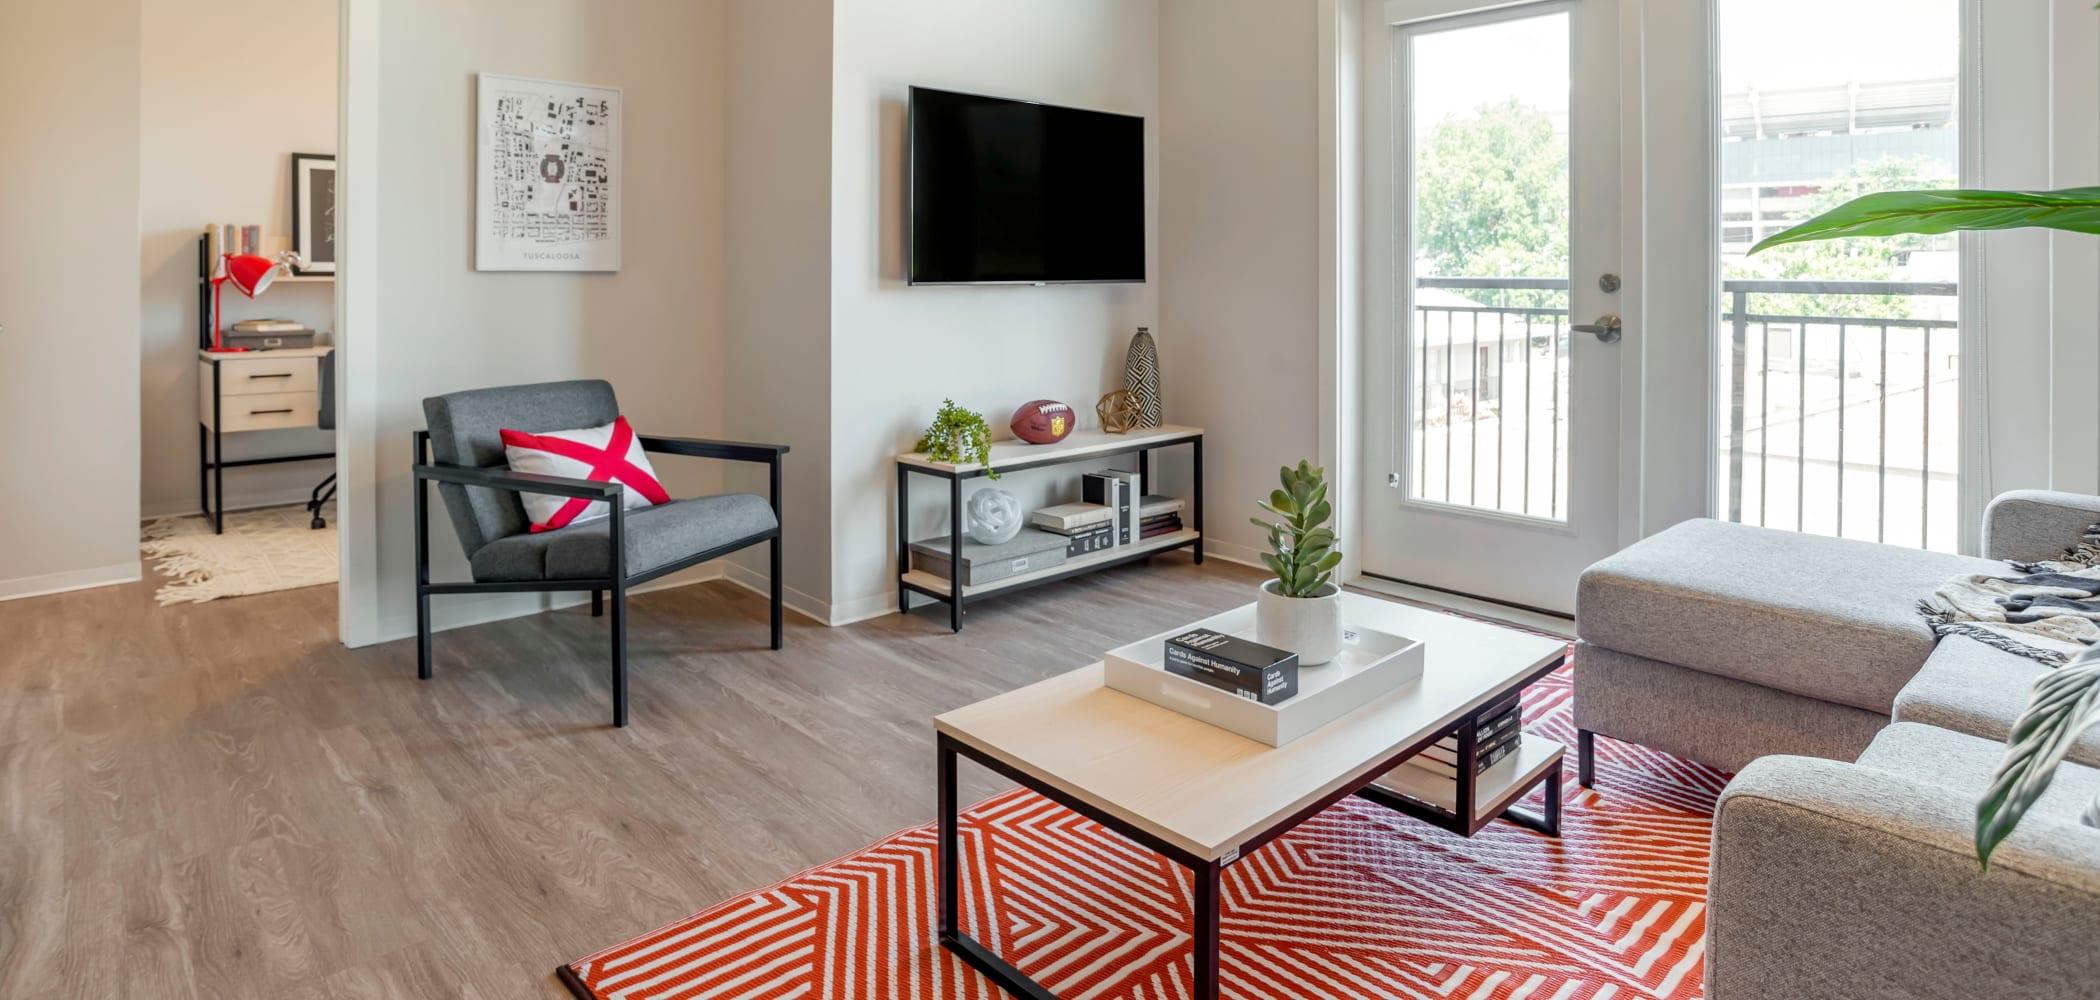 Fully furnished apartments UNCOMMON Tuscaloosa in Tuscaloosa, Alabama